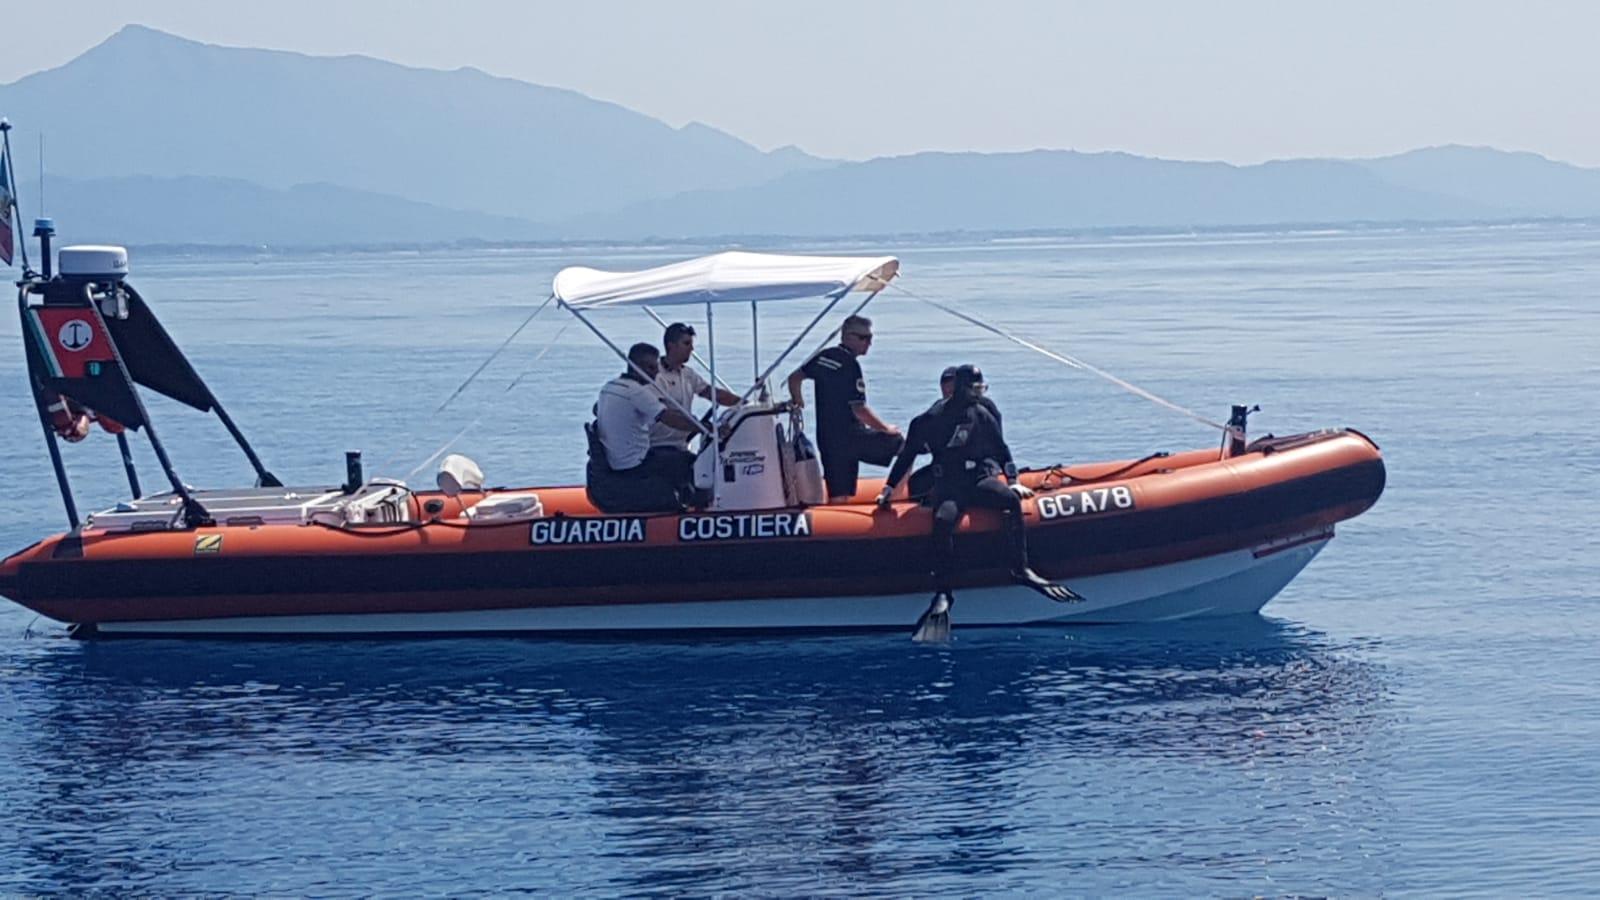 Mare sicuro 2019, il bilancio della Guardia Costiera di Viareggio